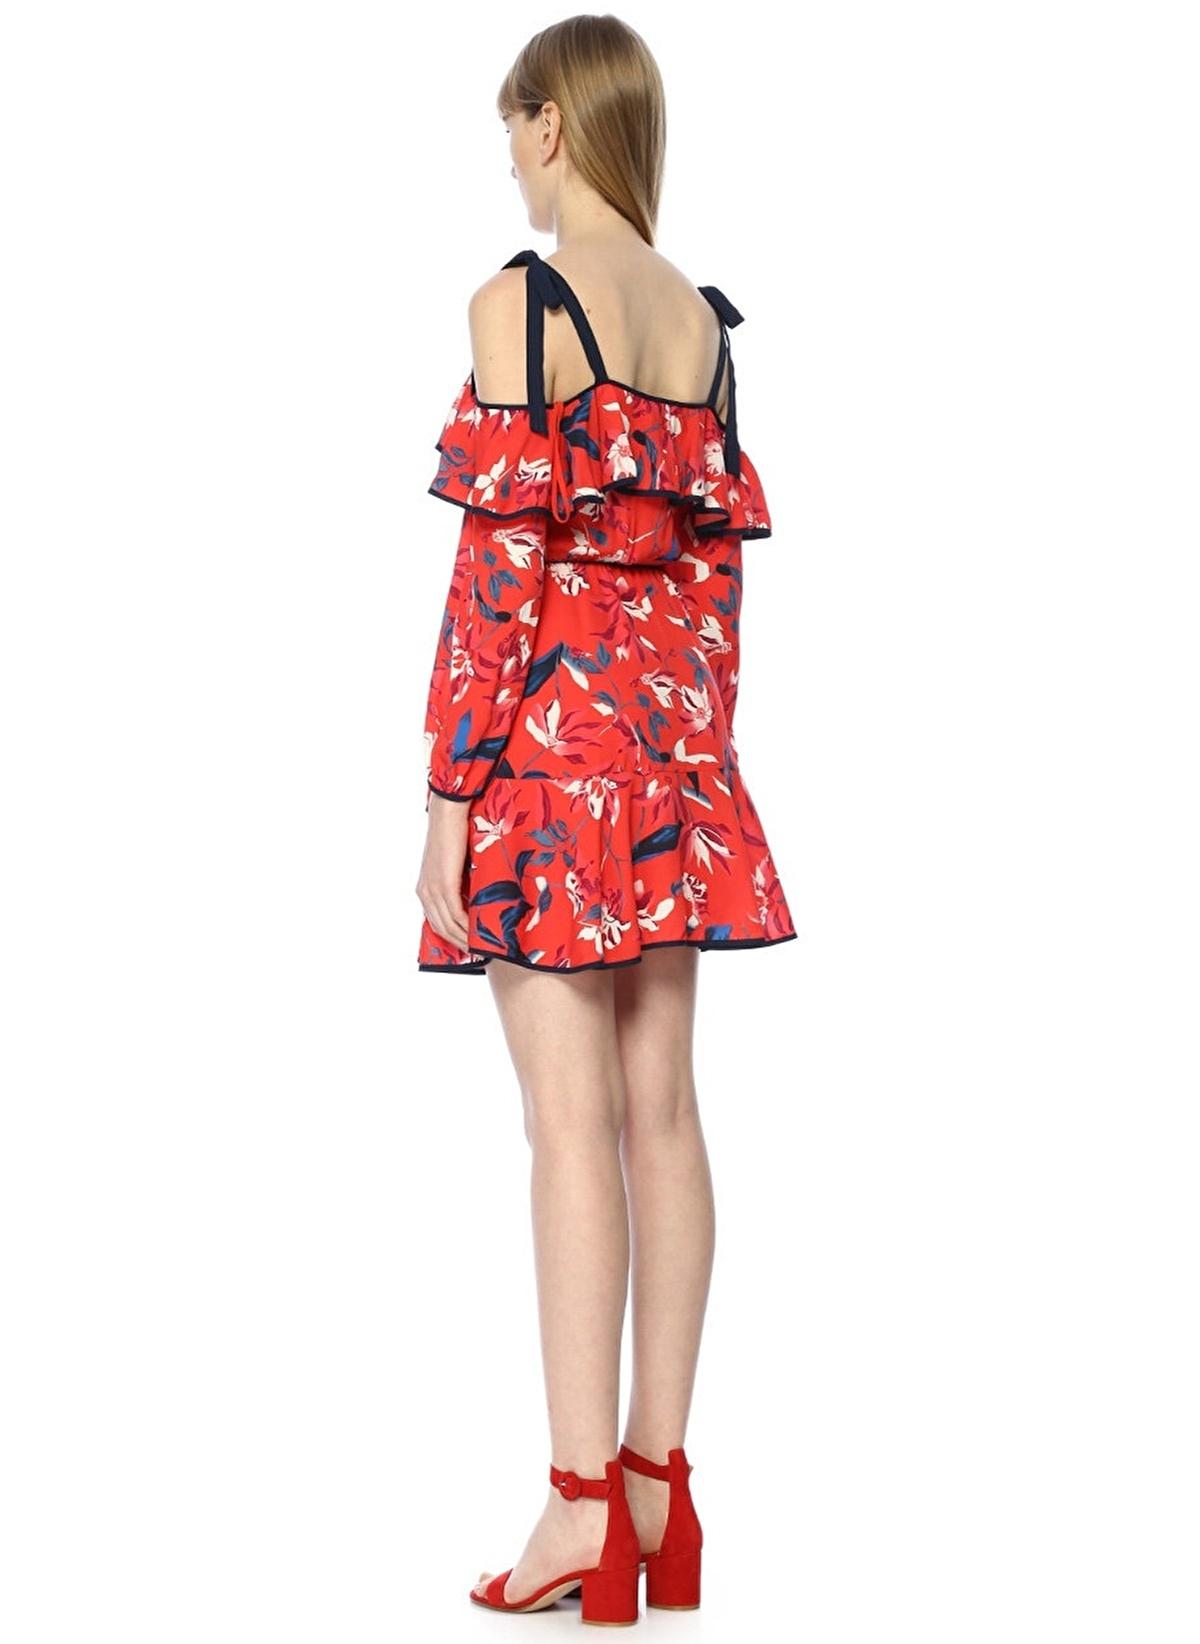 148fc5f99d2d2 Tanya Taylor Kadın Çiçekli Omzu Açık Mini İpek Elbise Çok Renkli ...